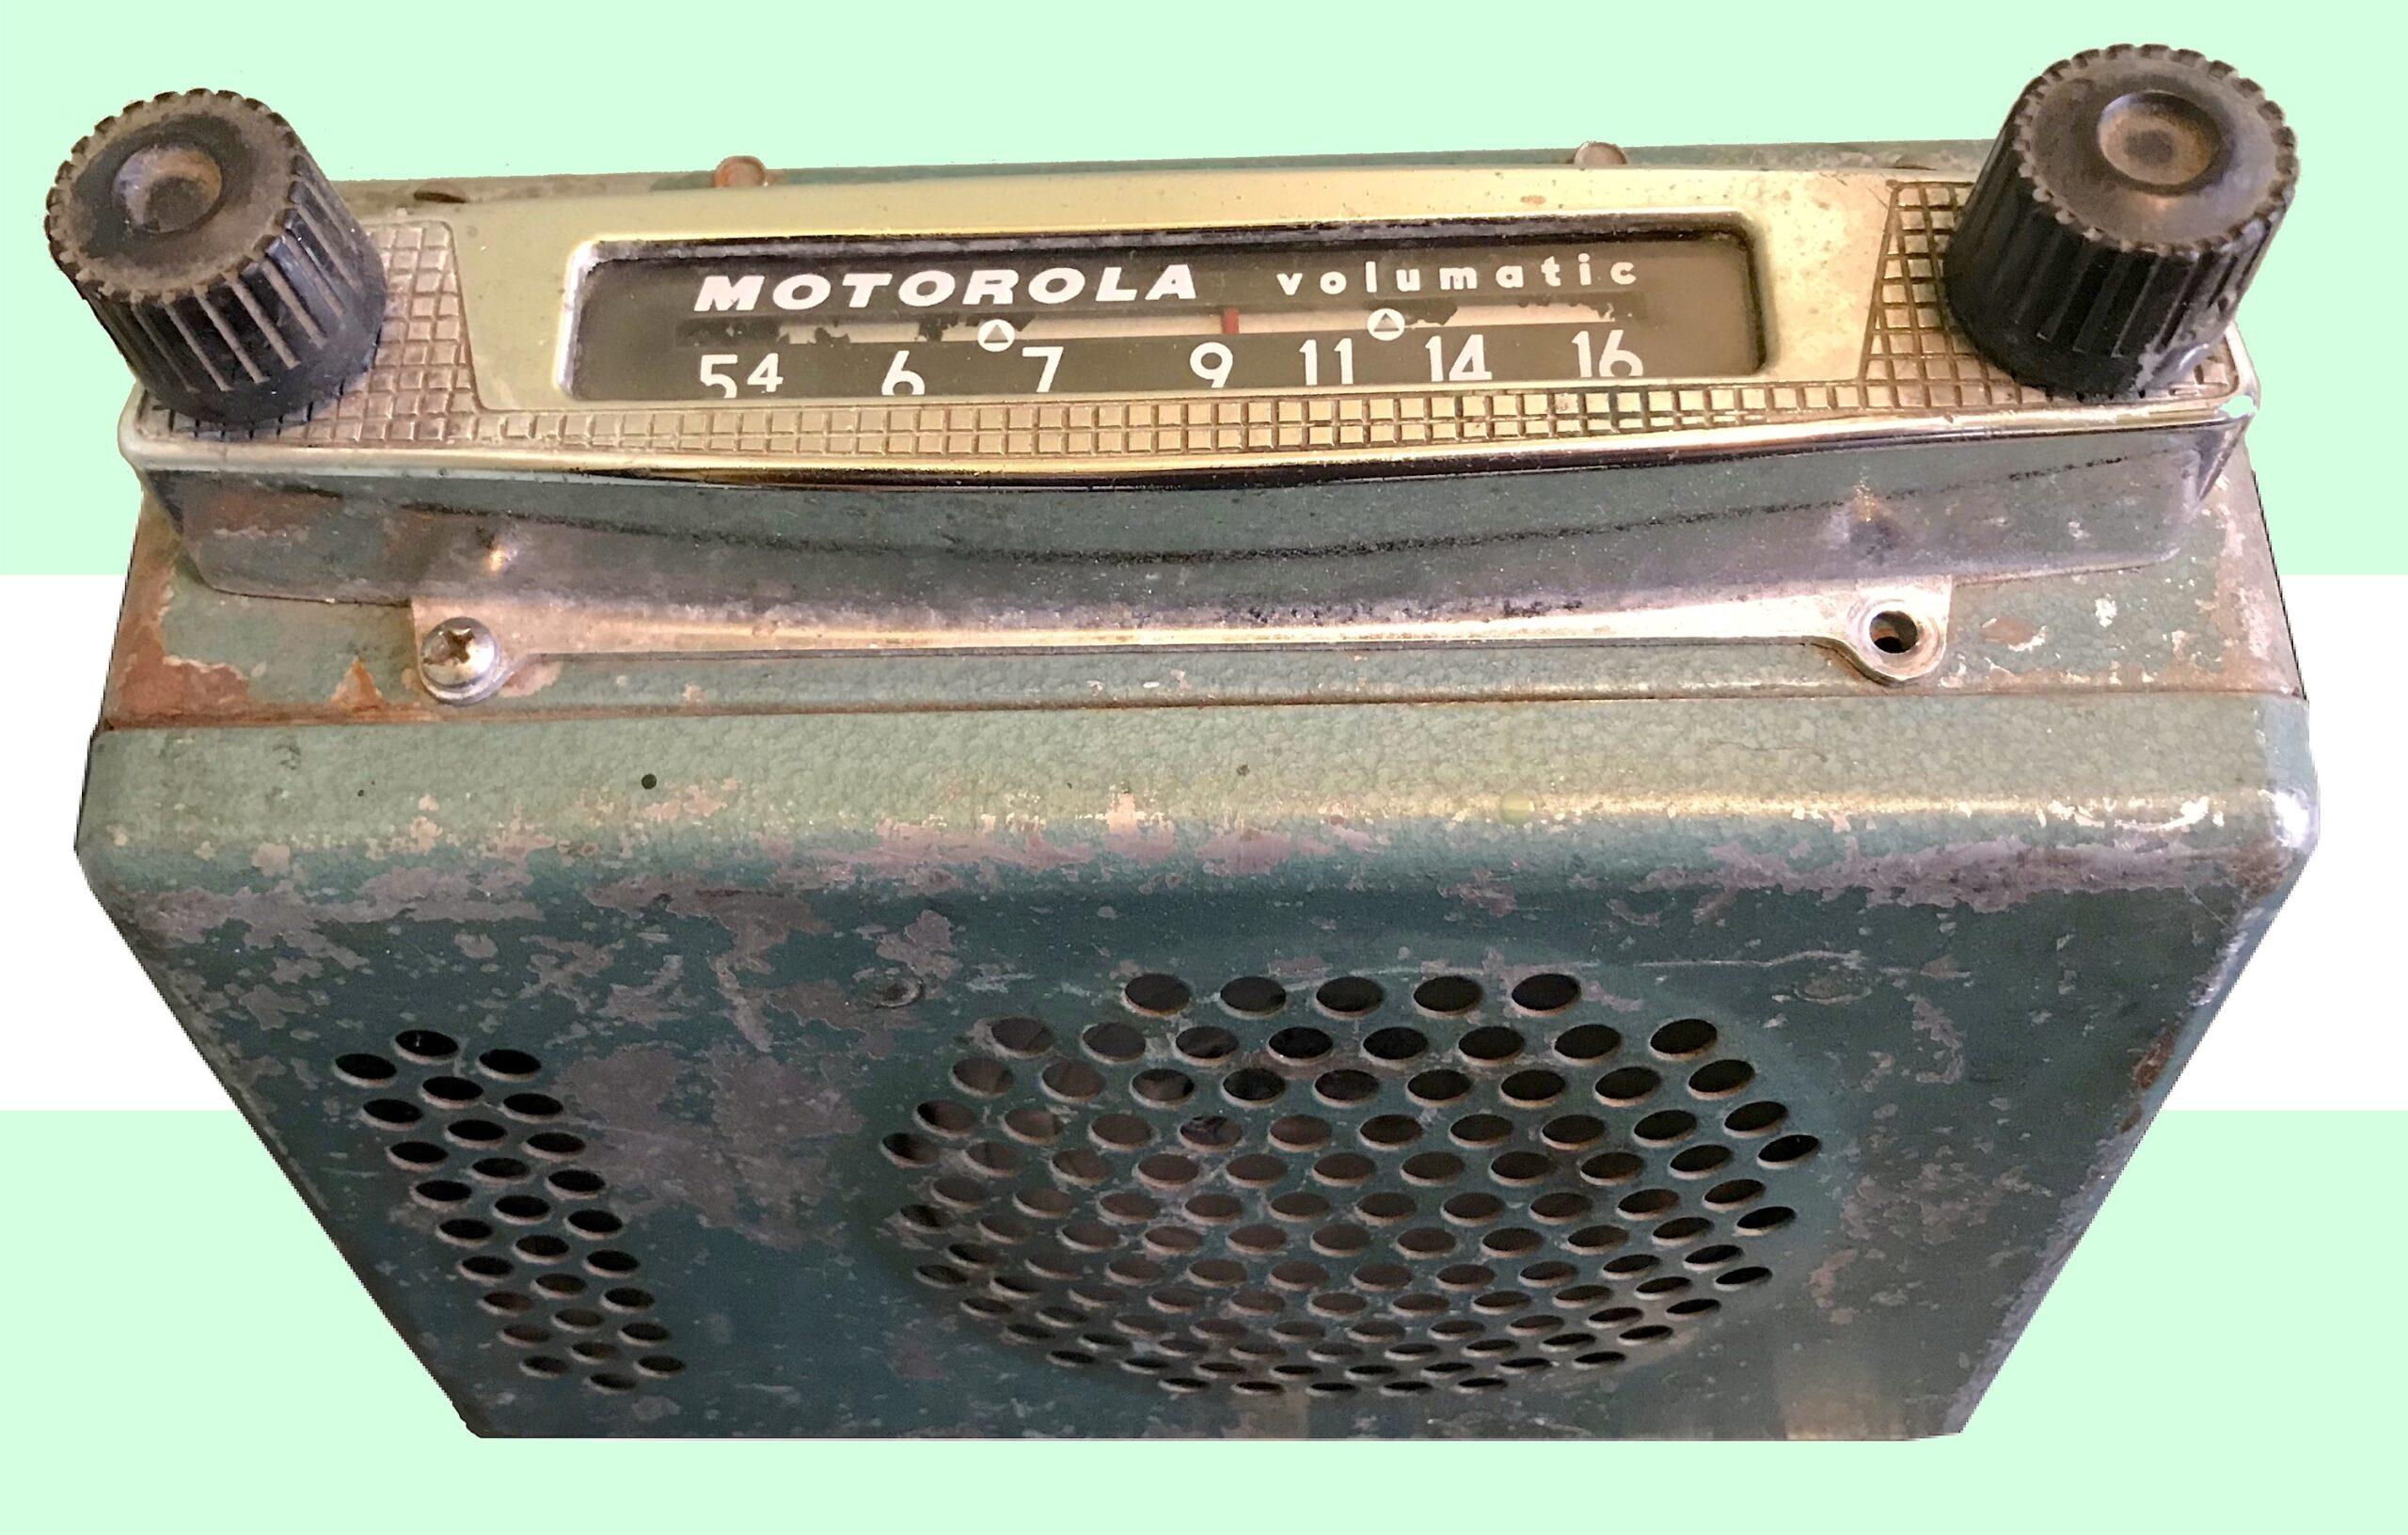 Motorola Volumatic